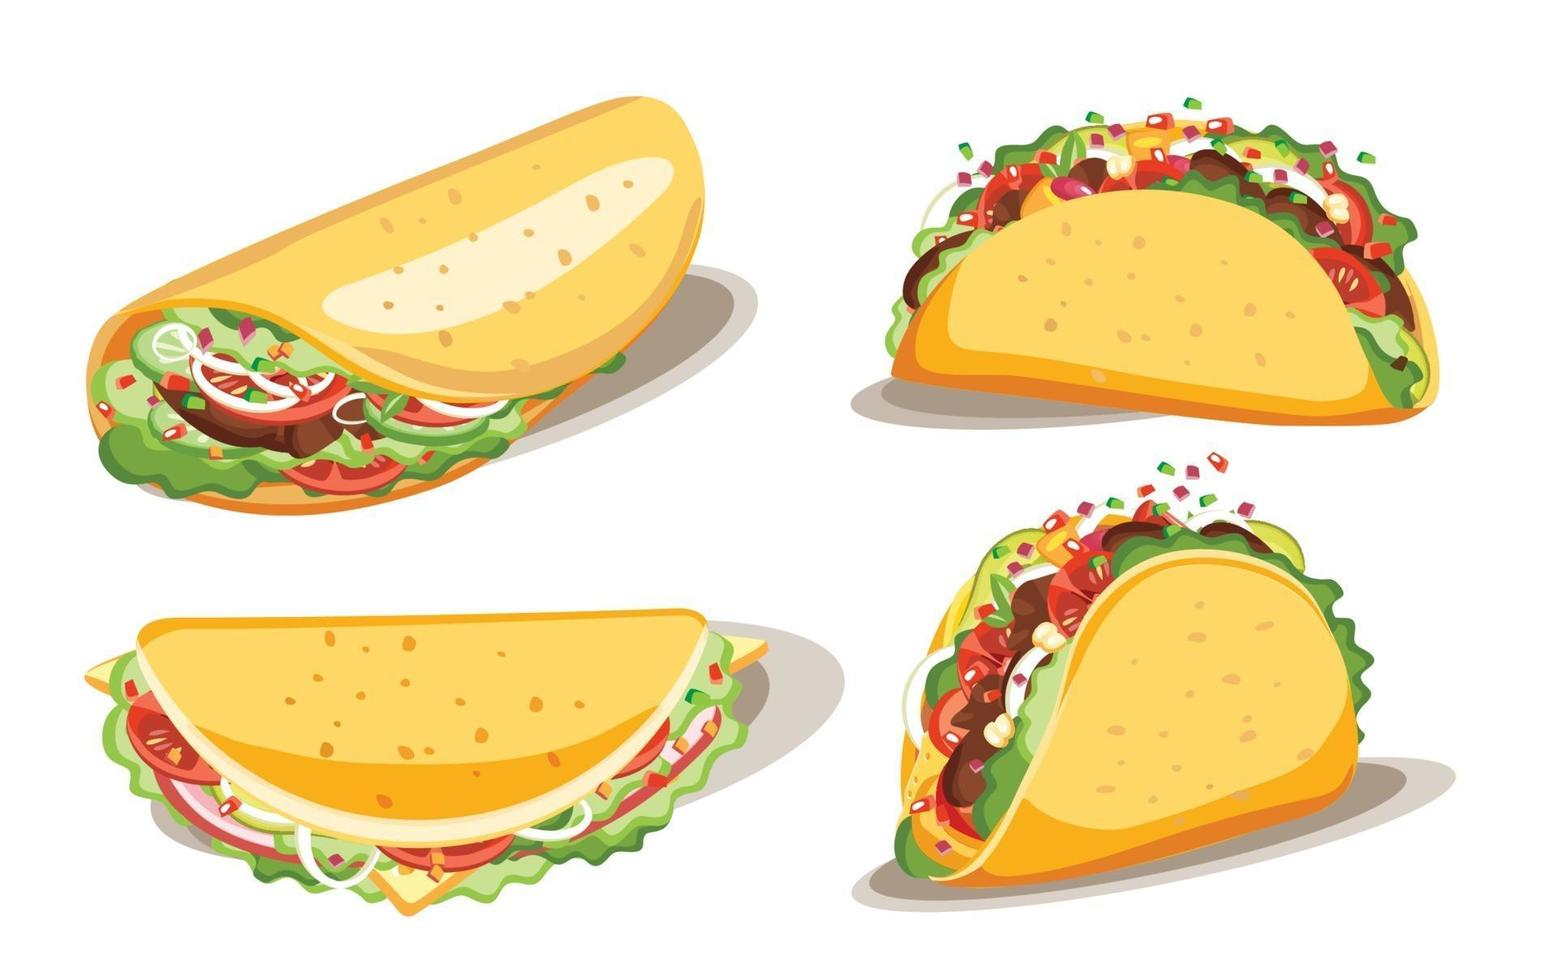 Taco und Burrito, Fast Food mit Soße, mexikanisches traditionelles Essen, isolierte Vektorillustration vektor